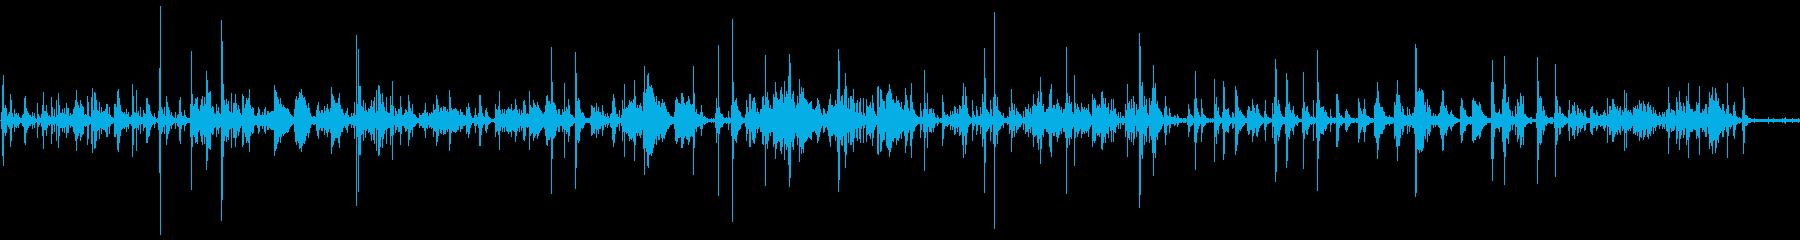 キラキラしたピアノの宇宙的なBGMの再生済みの波形